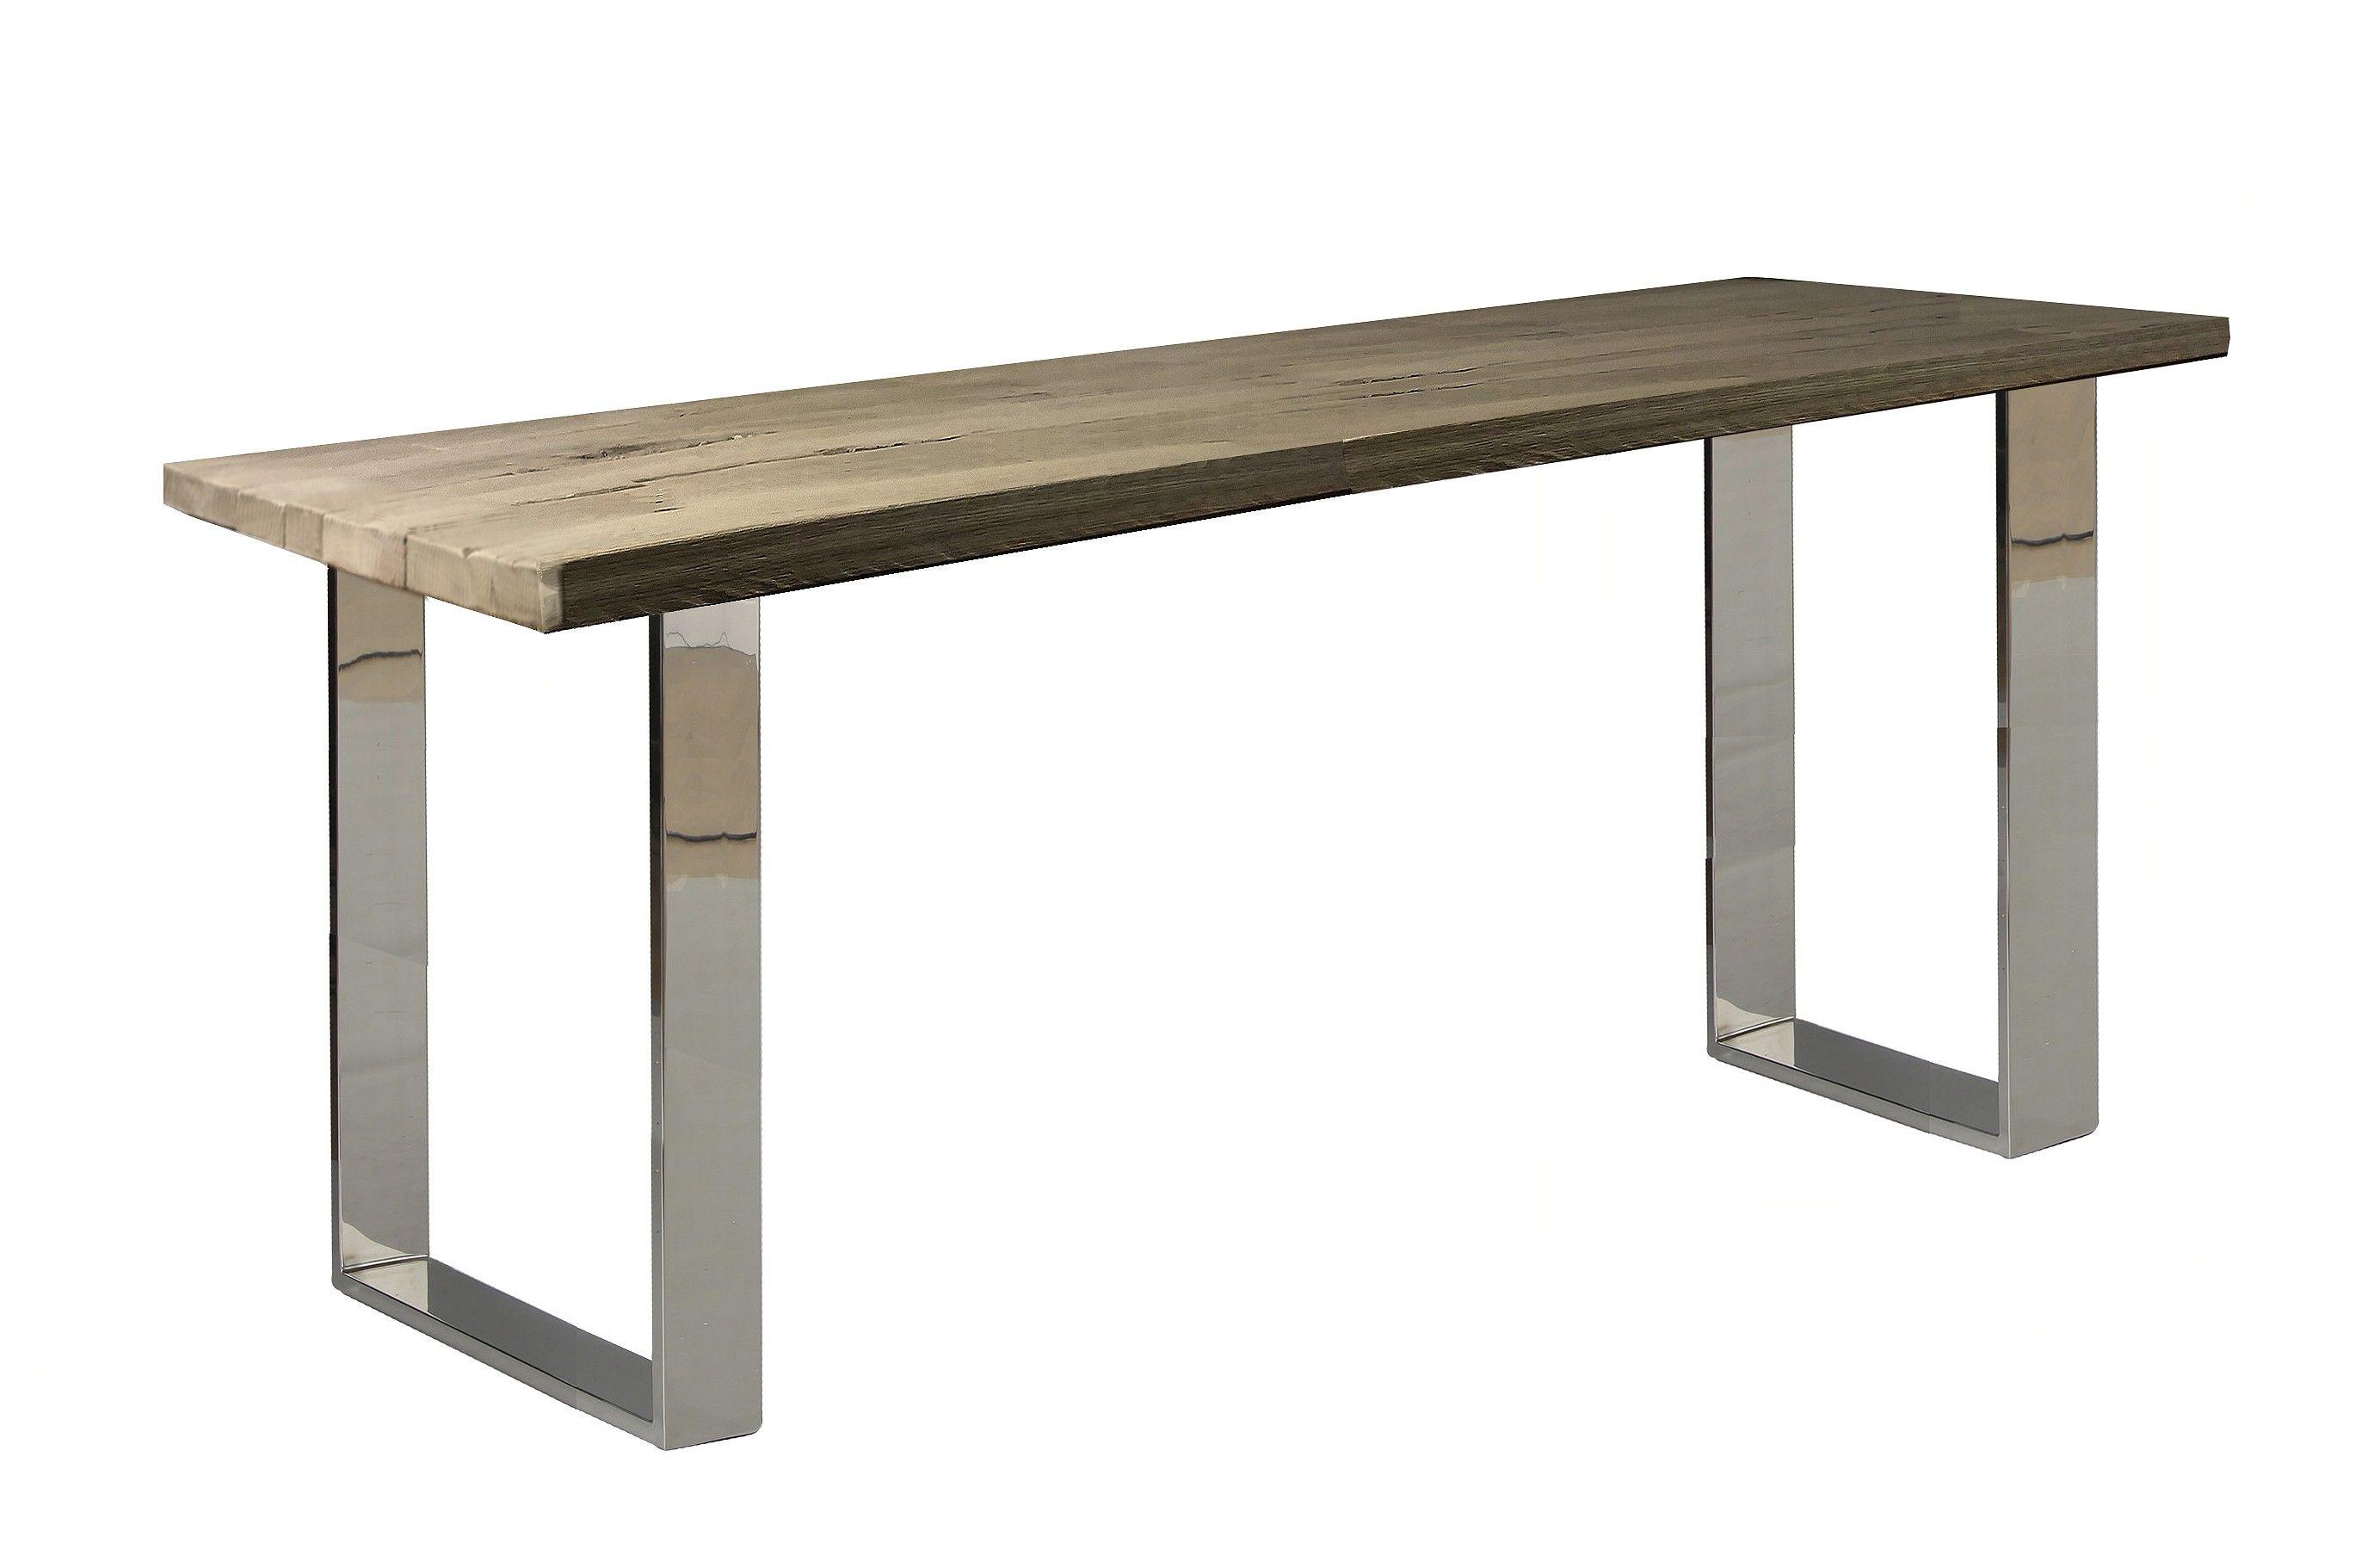 Sidetable Buiten Rvs.Sidetable Avignon Reclaimed Oak 180 X 45 Sidetables